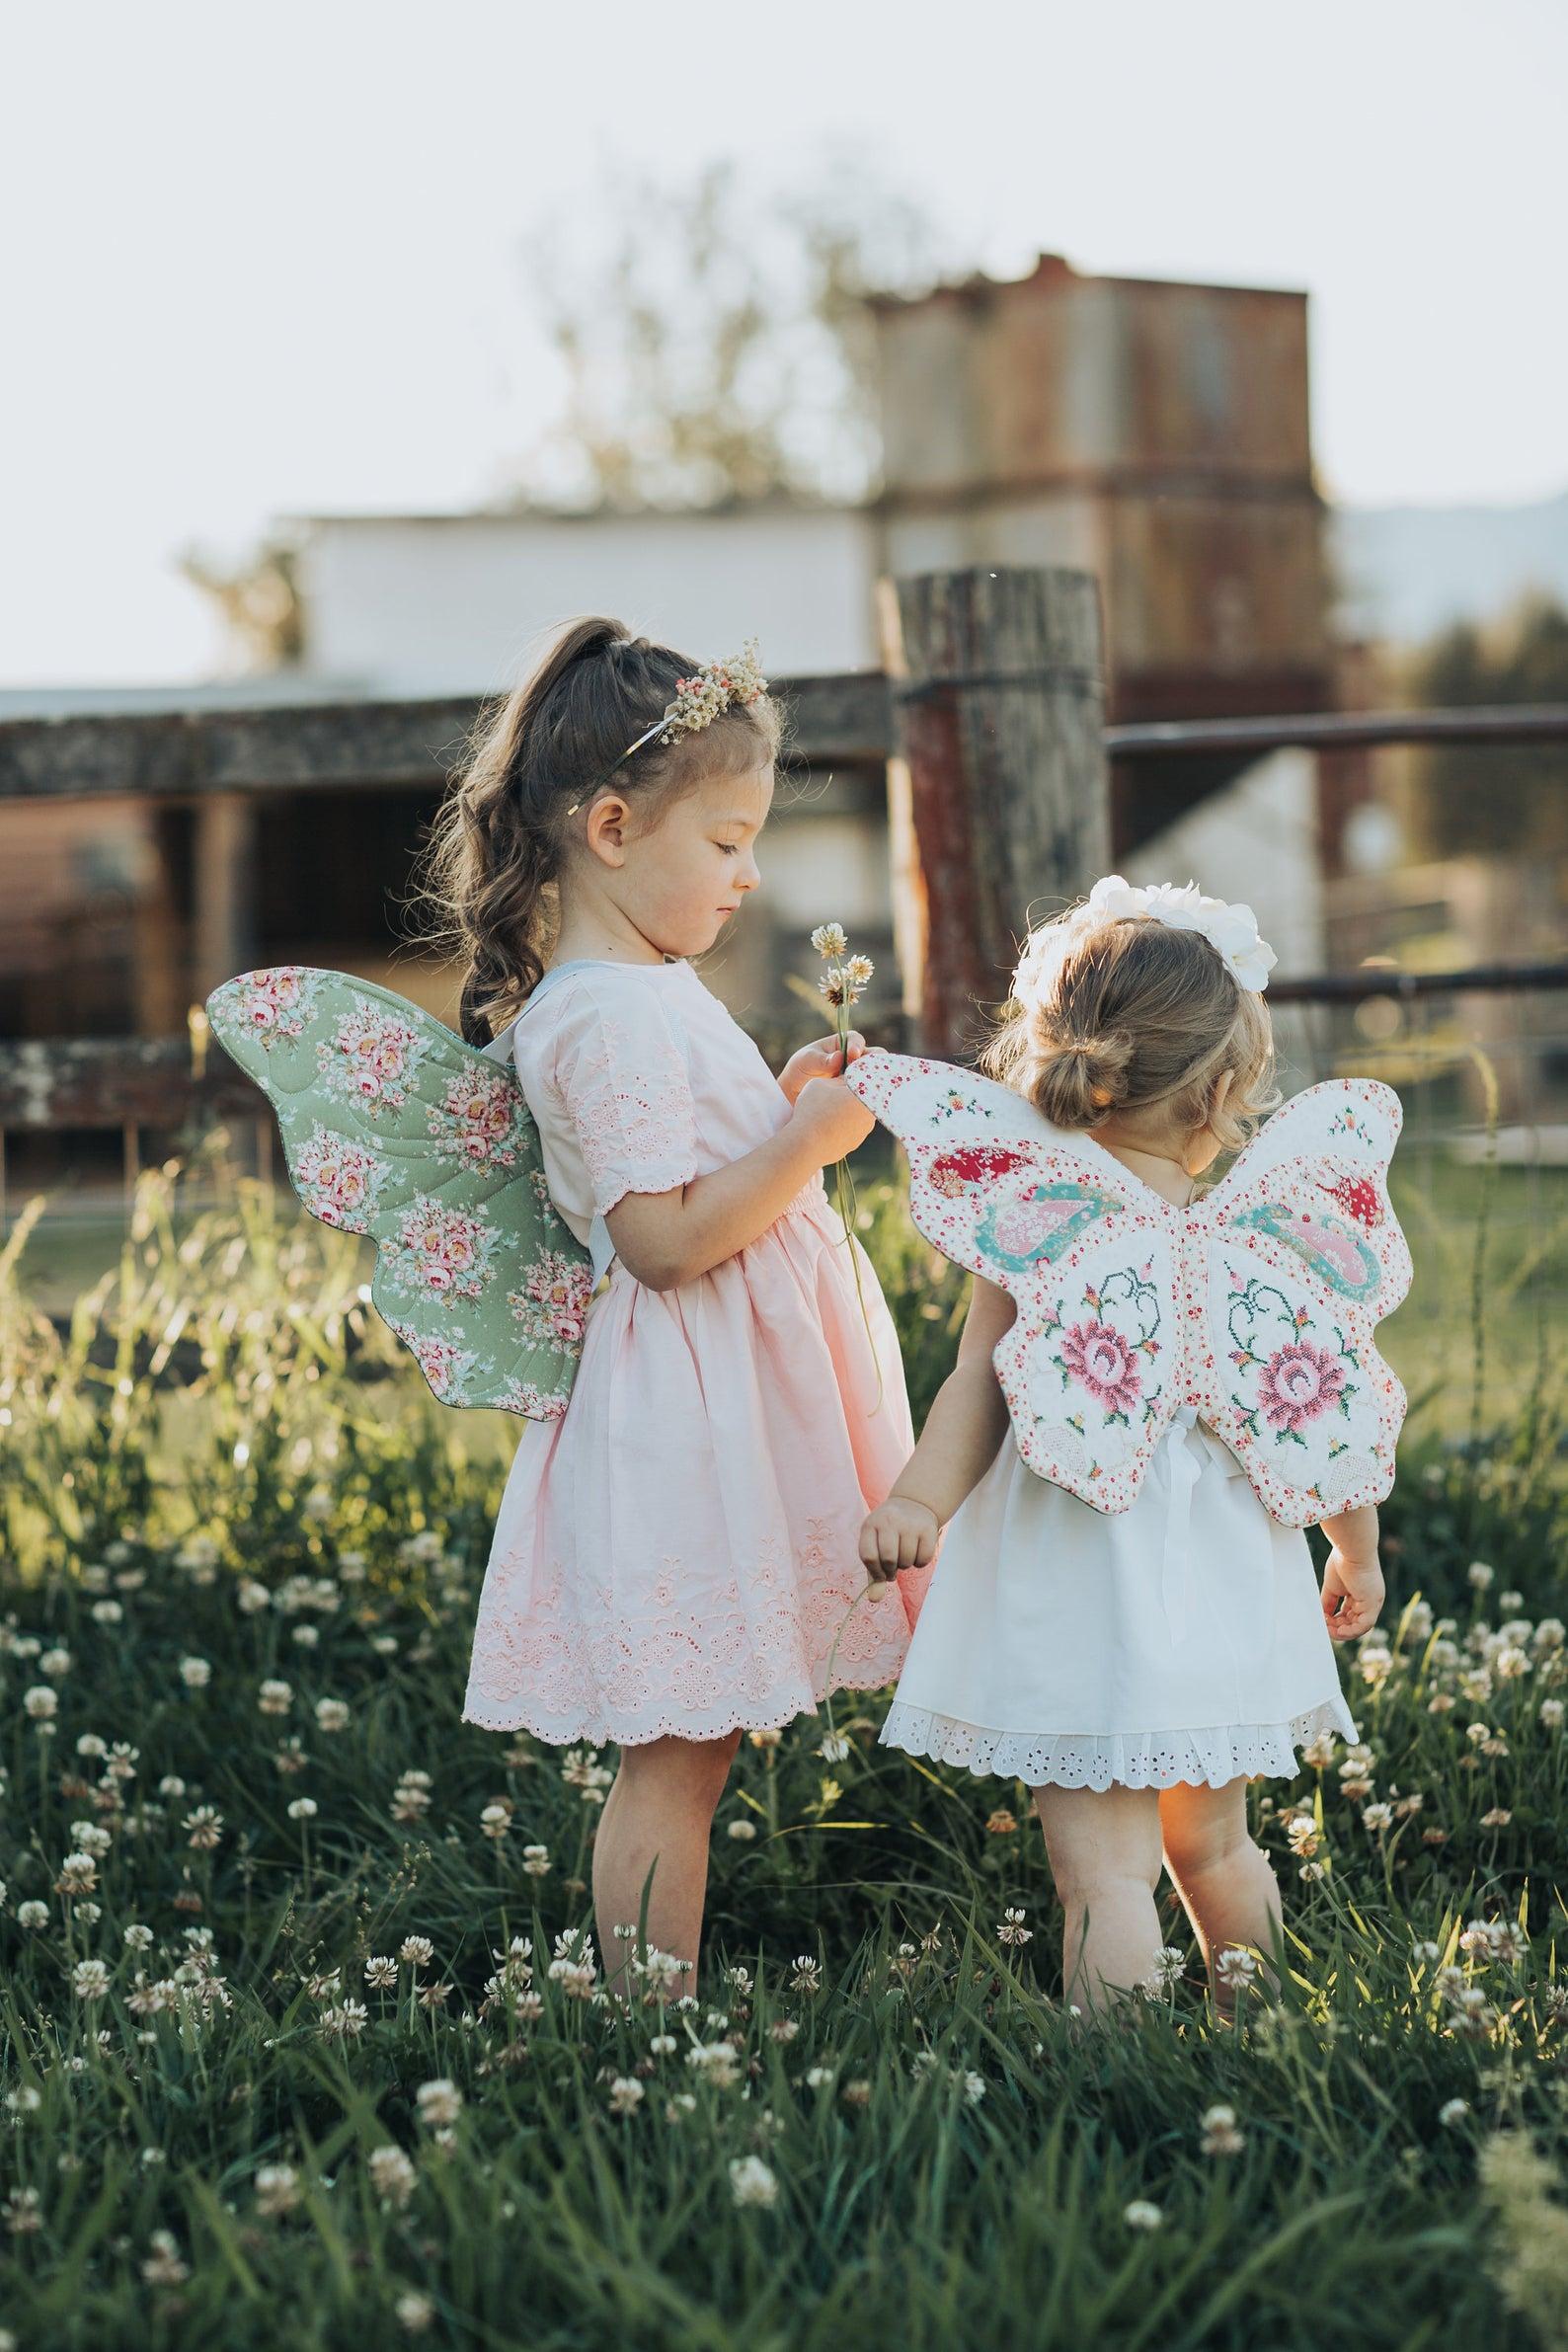 Butterfly Wings Sewing Pattern